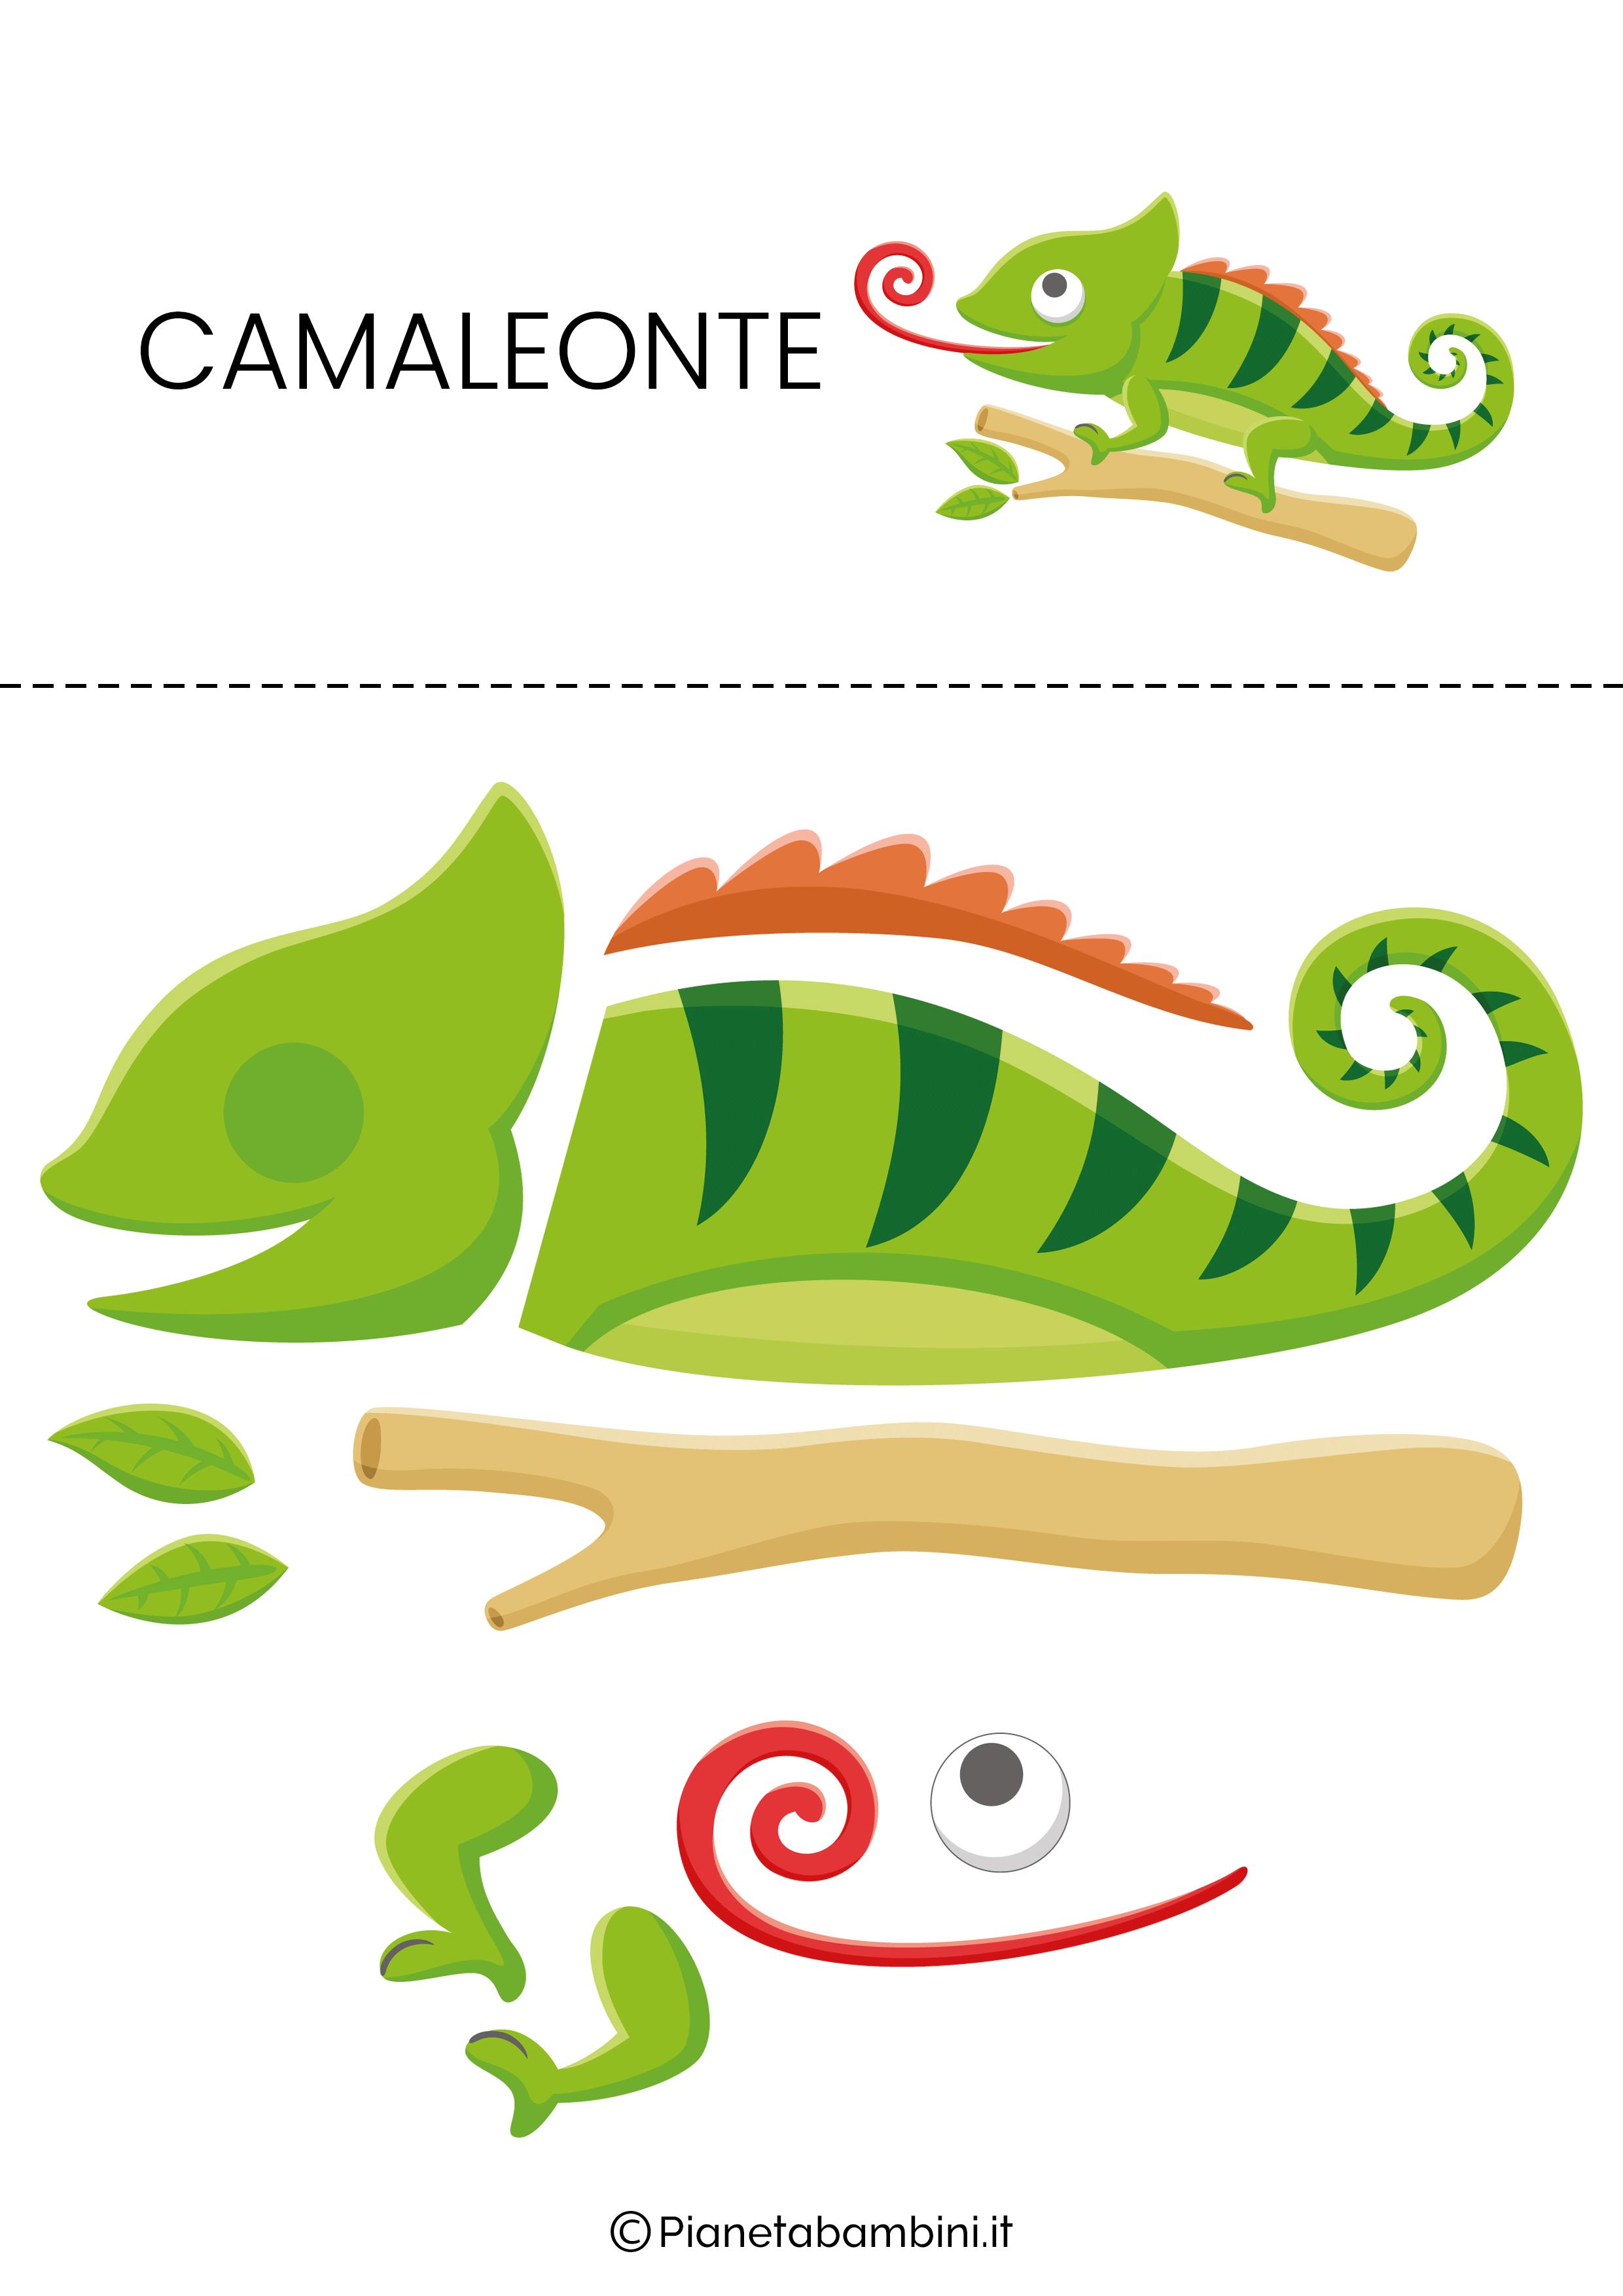 Puzzle da ritagliare e ricomporre sul camaleonte